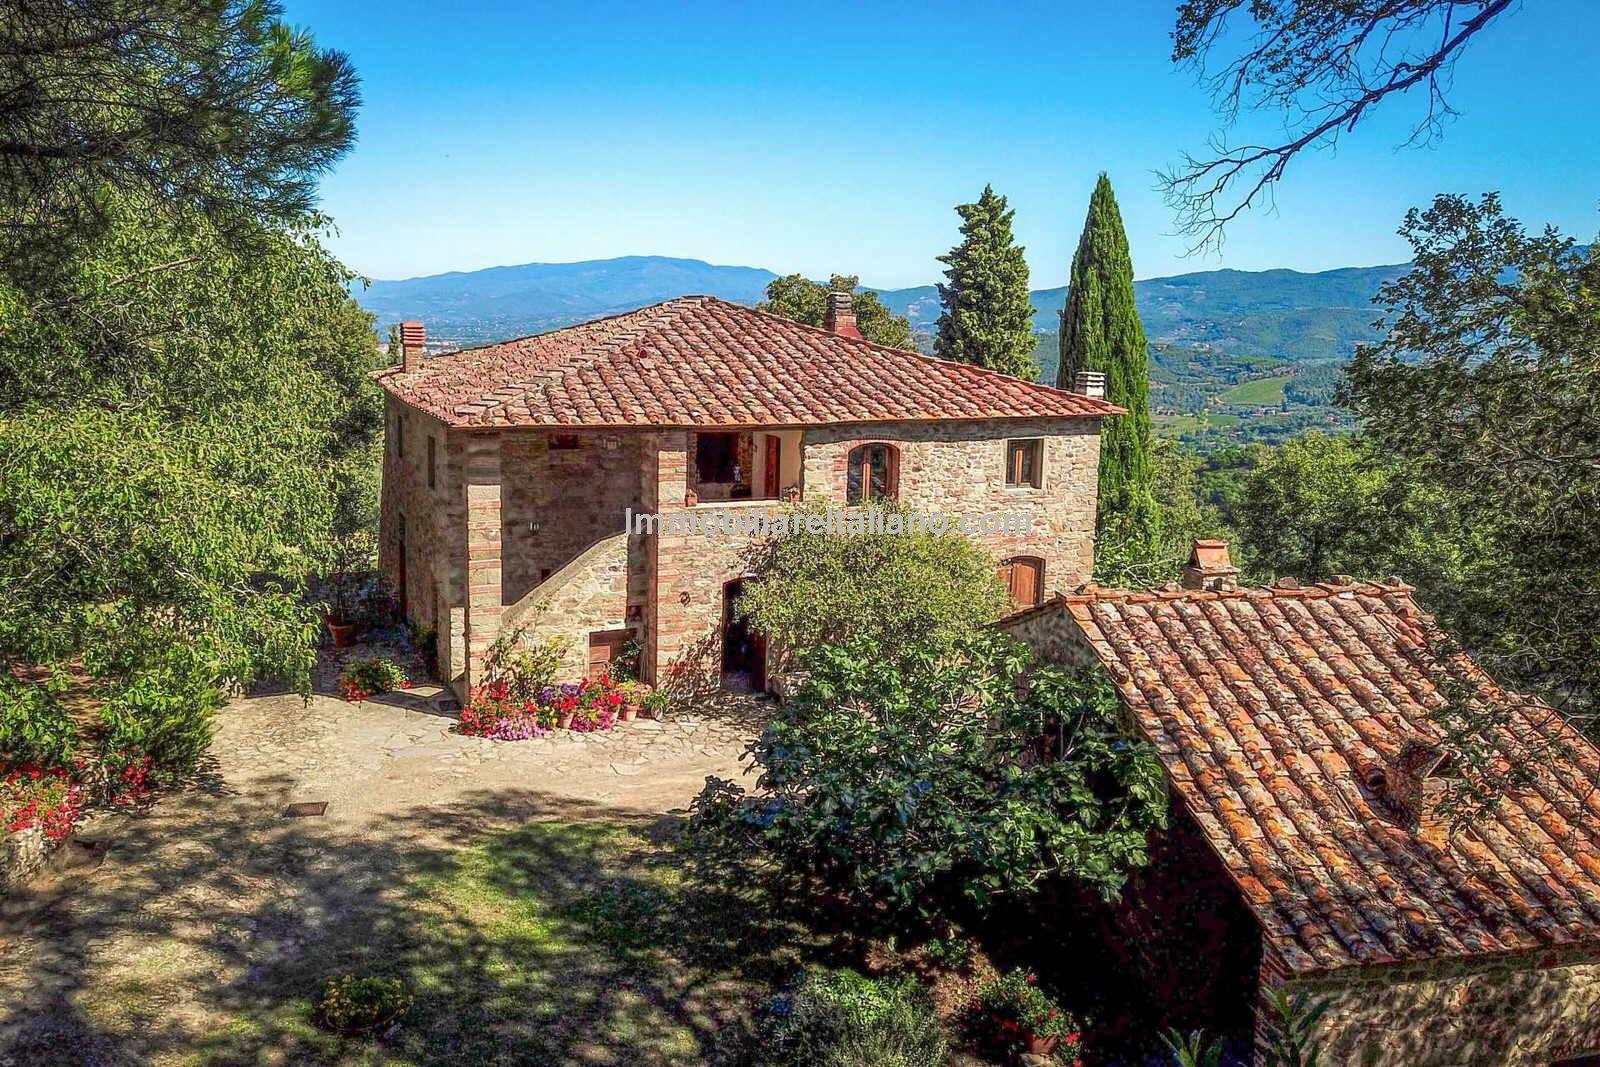 View of Tuscan Farmhouse